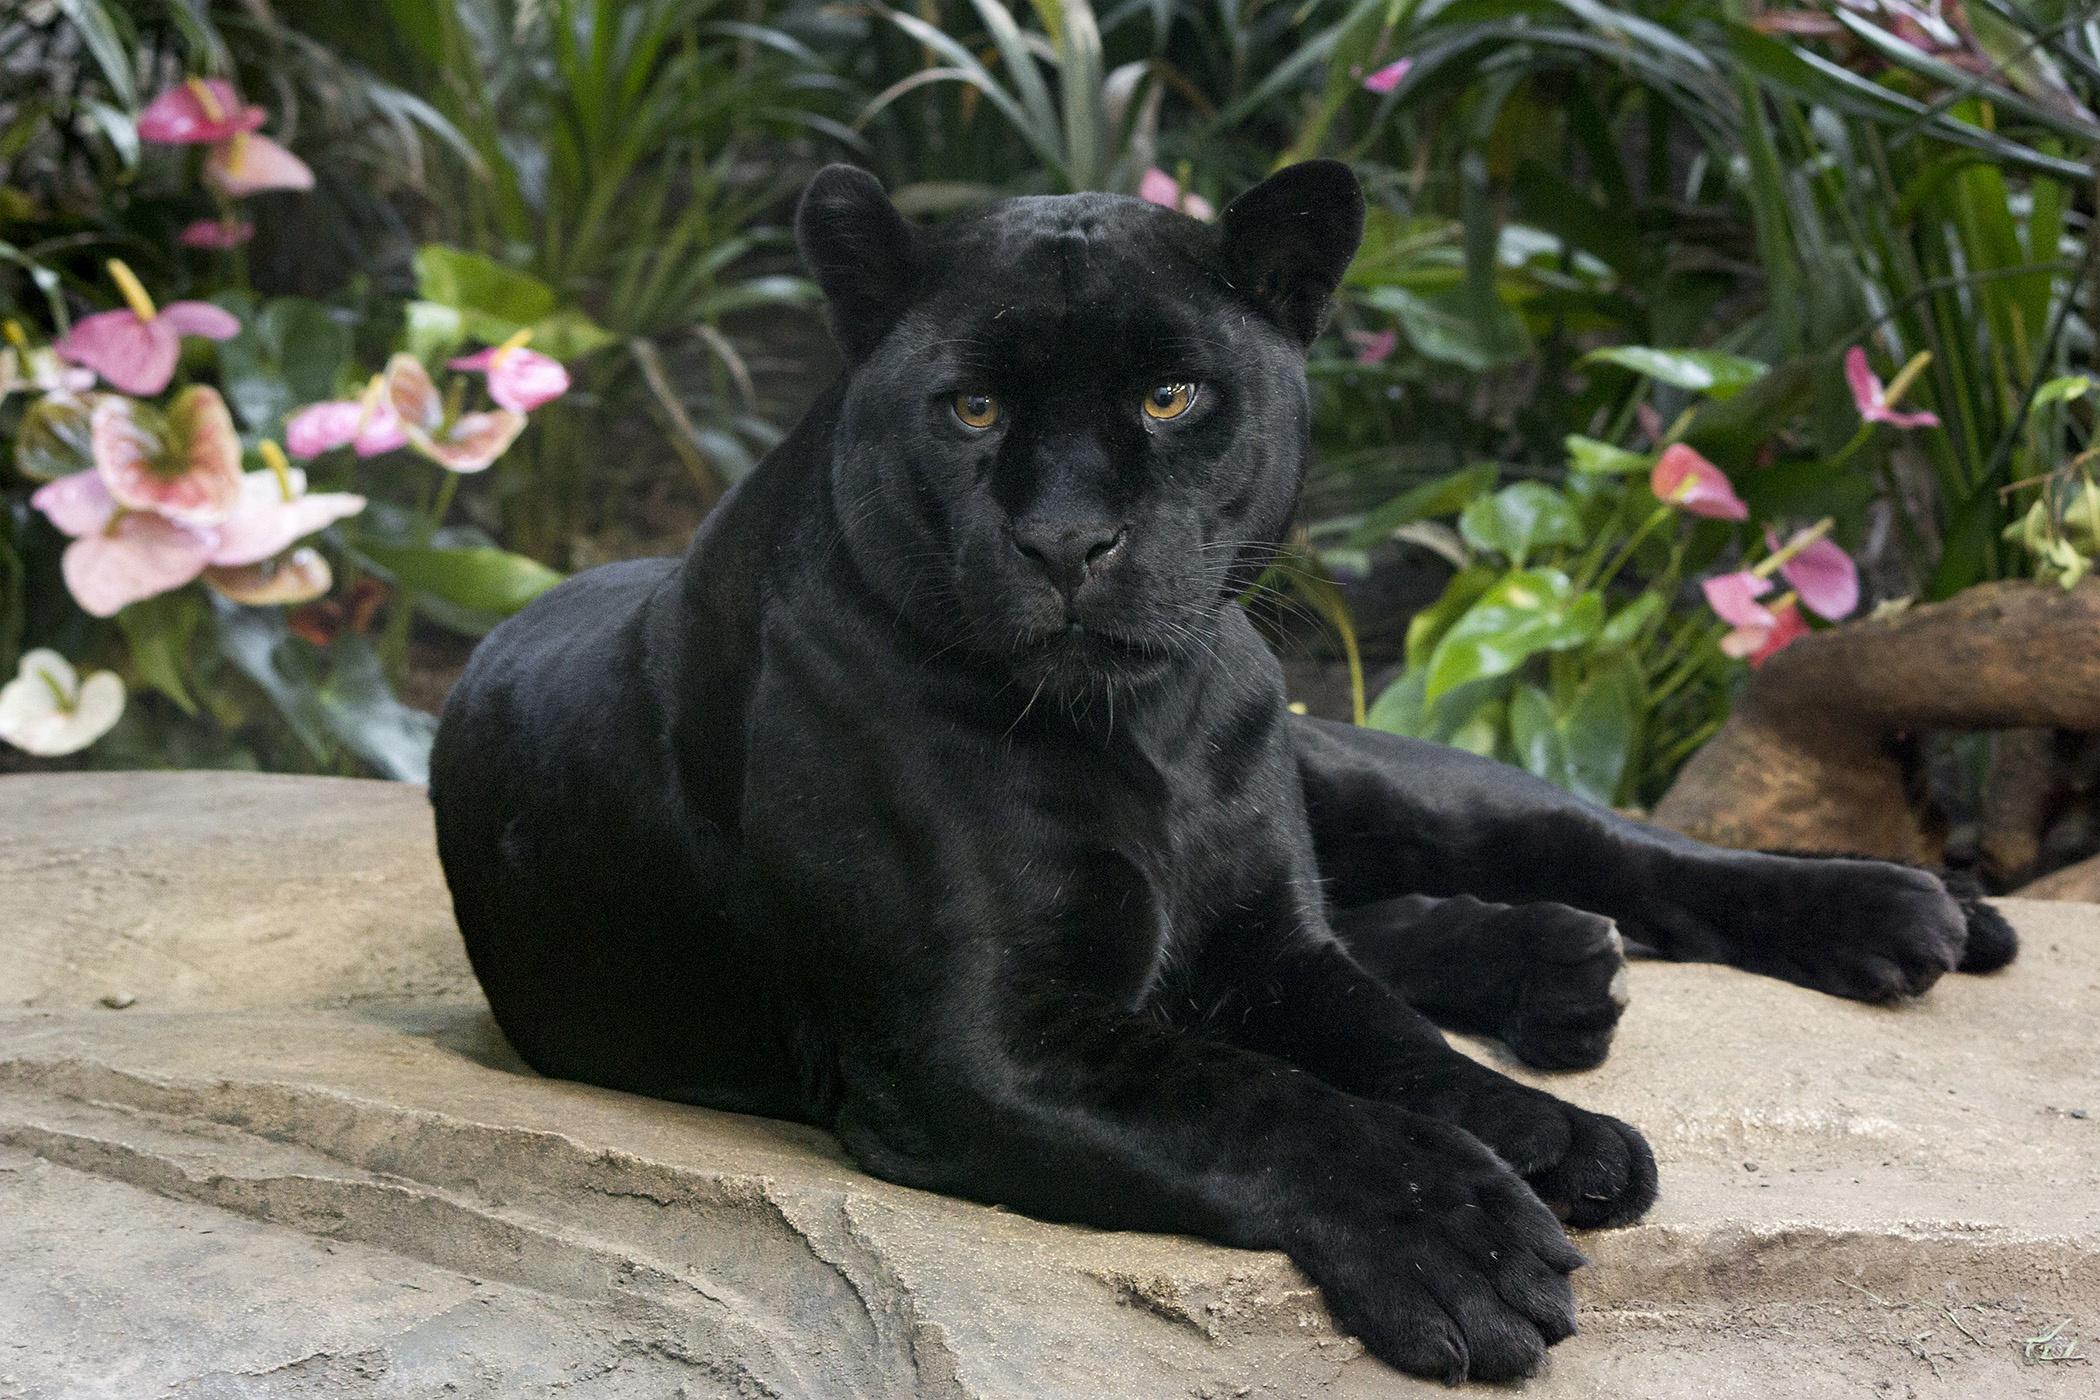 картинки с изображением черной пантеры можно считать